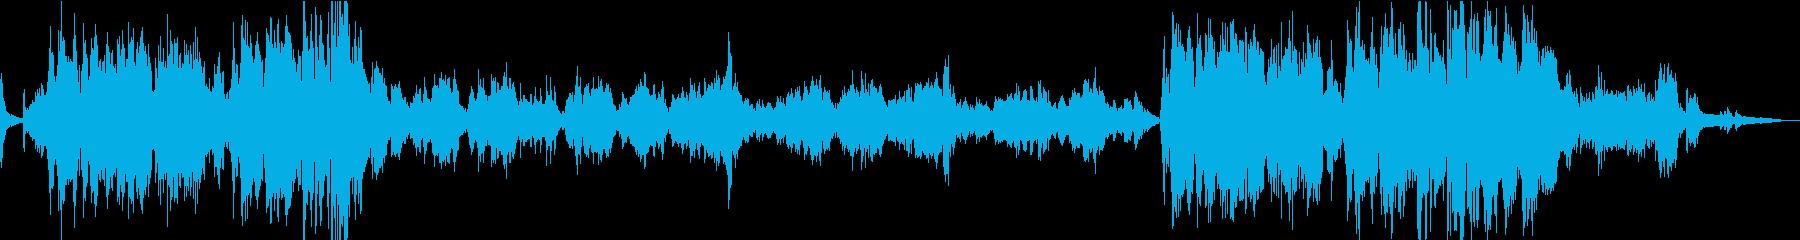 ショパン/幻想即興曲/ヴァイオリンの再生済みの波形